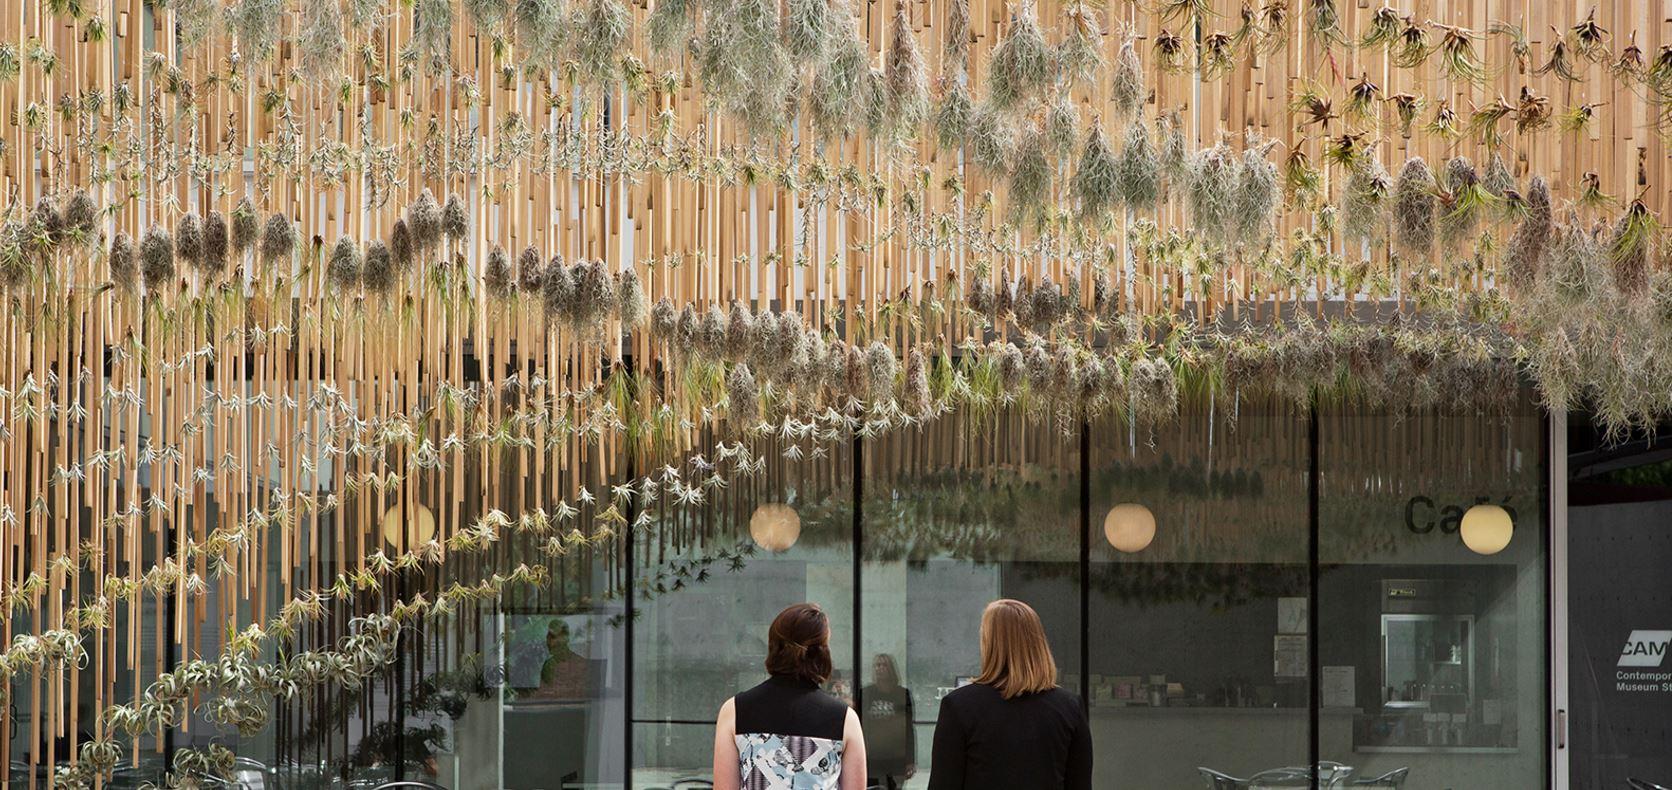 Como El Diseno De Jardines Modernos Cambia Ciudades Ovacen - Jardines-modernos